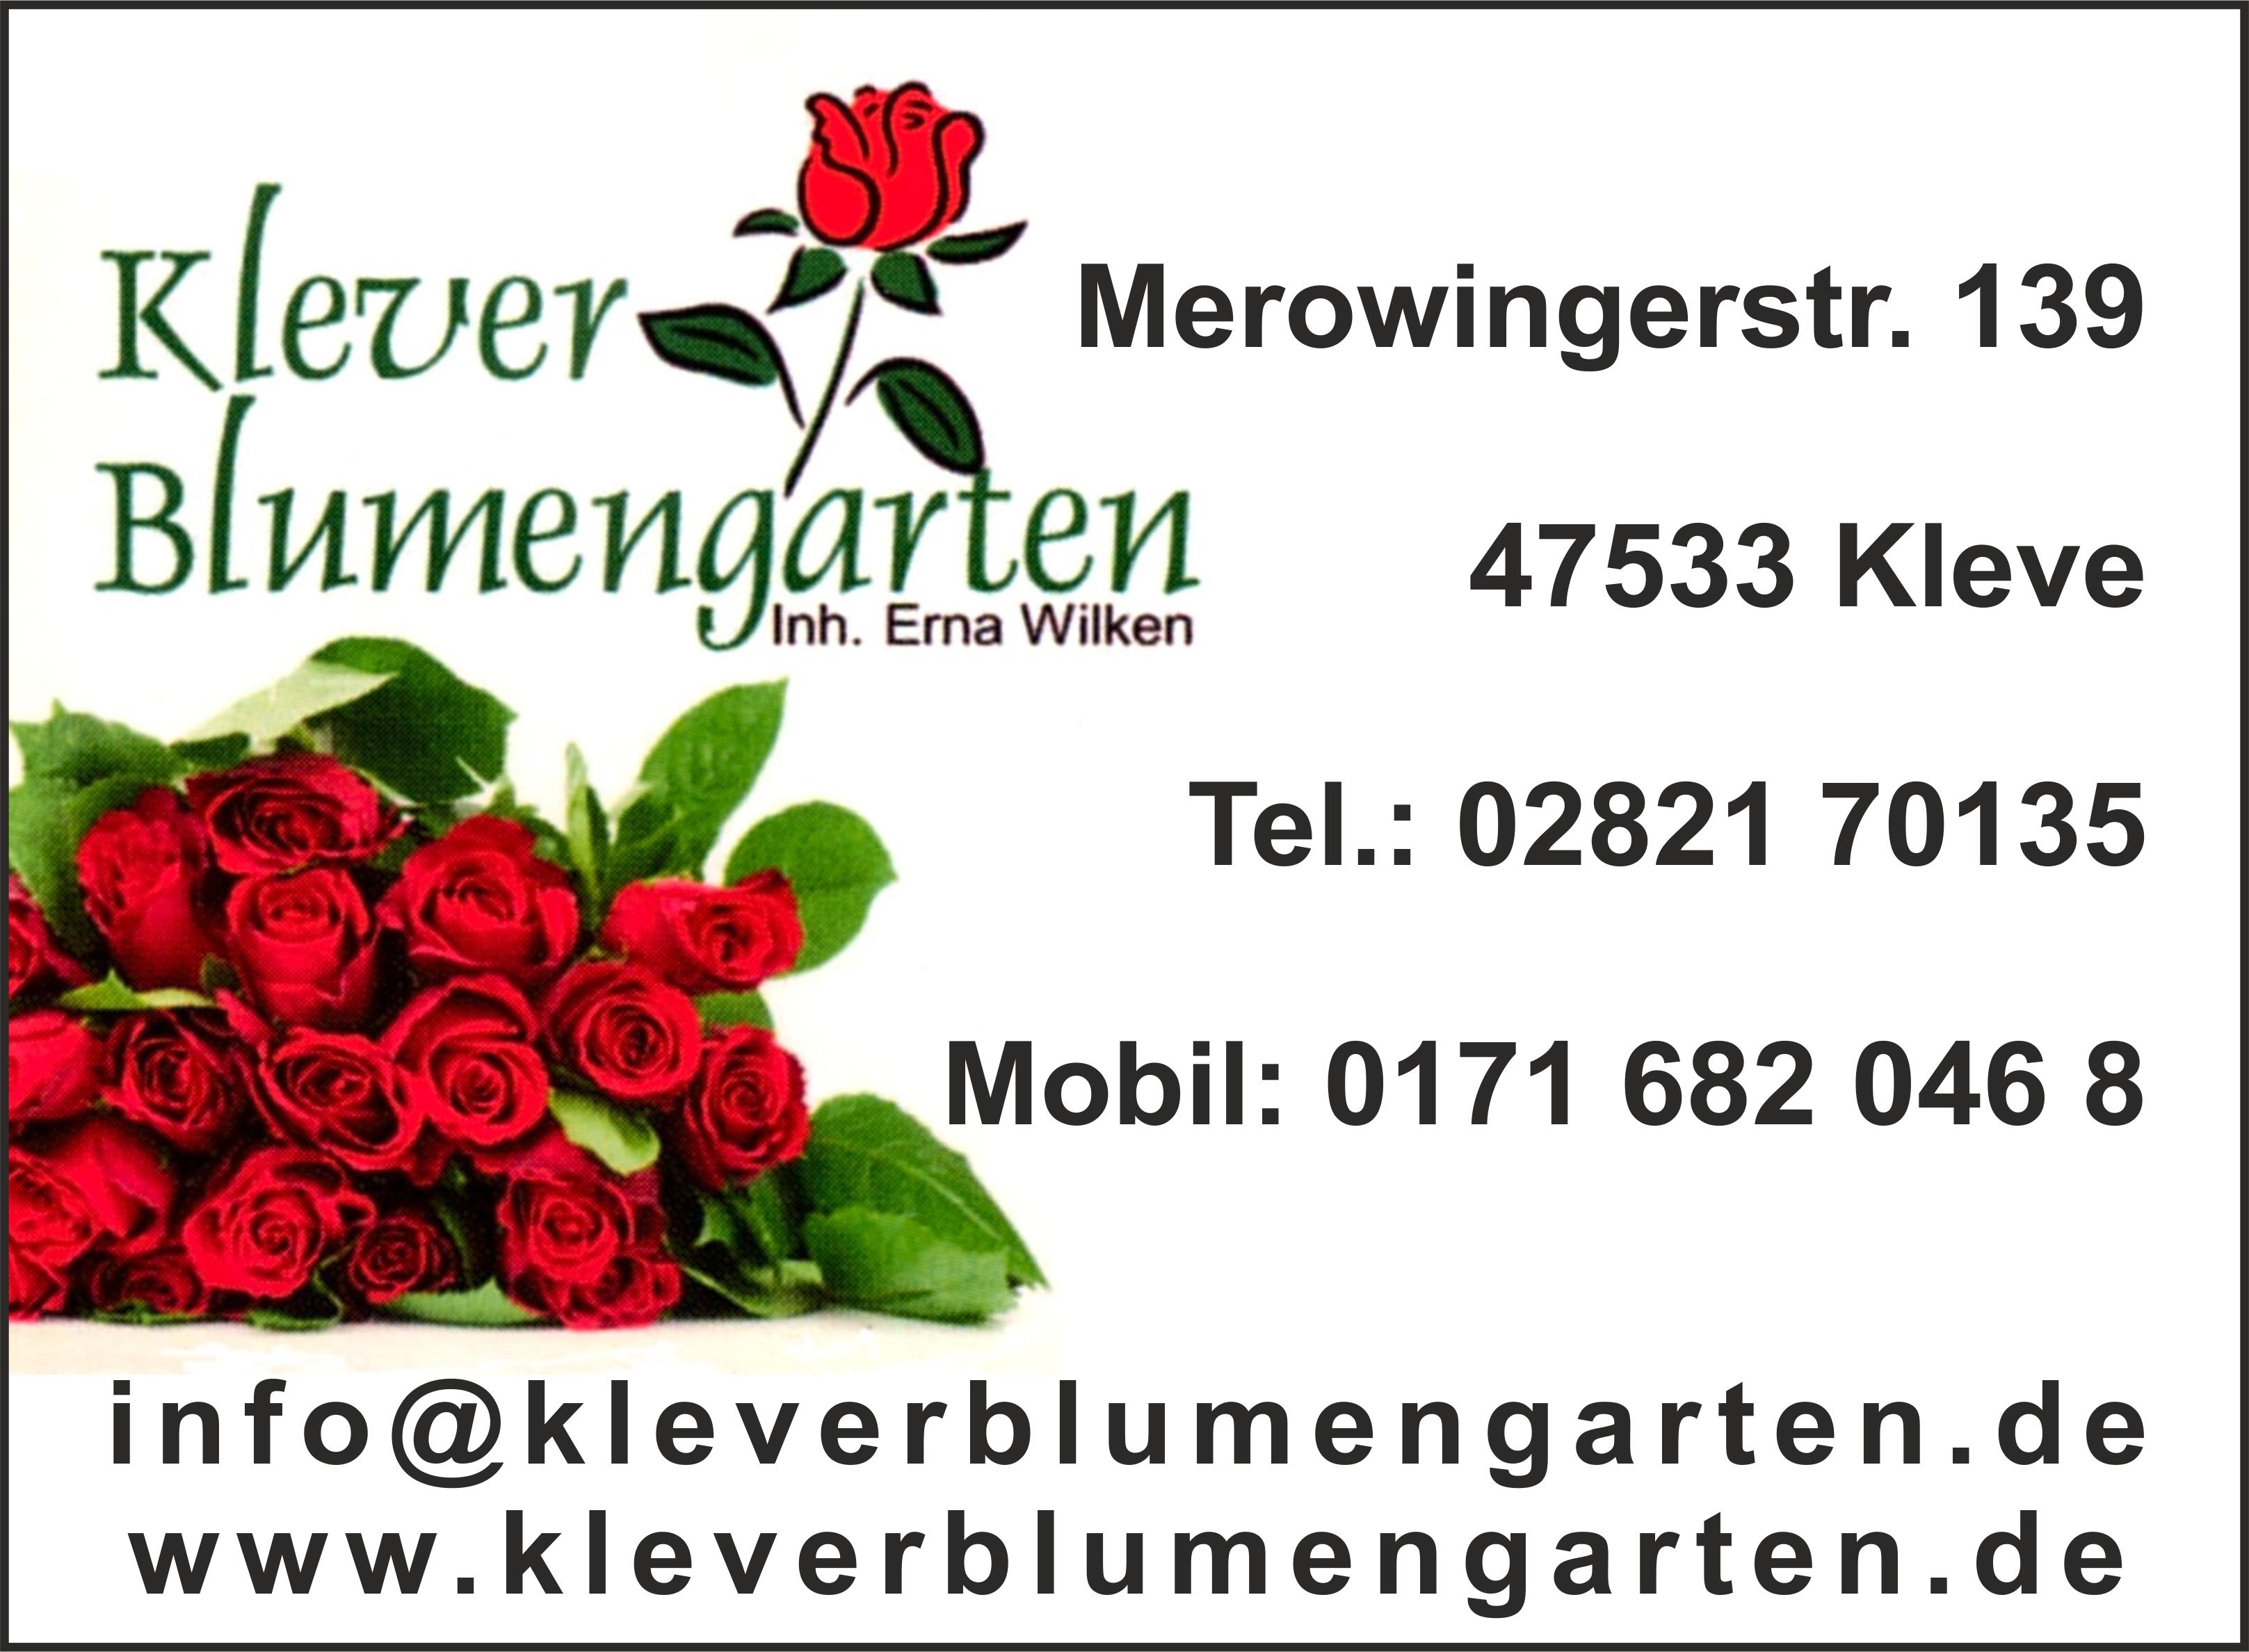 Klever_Blumengarten